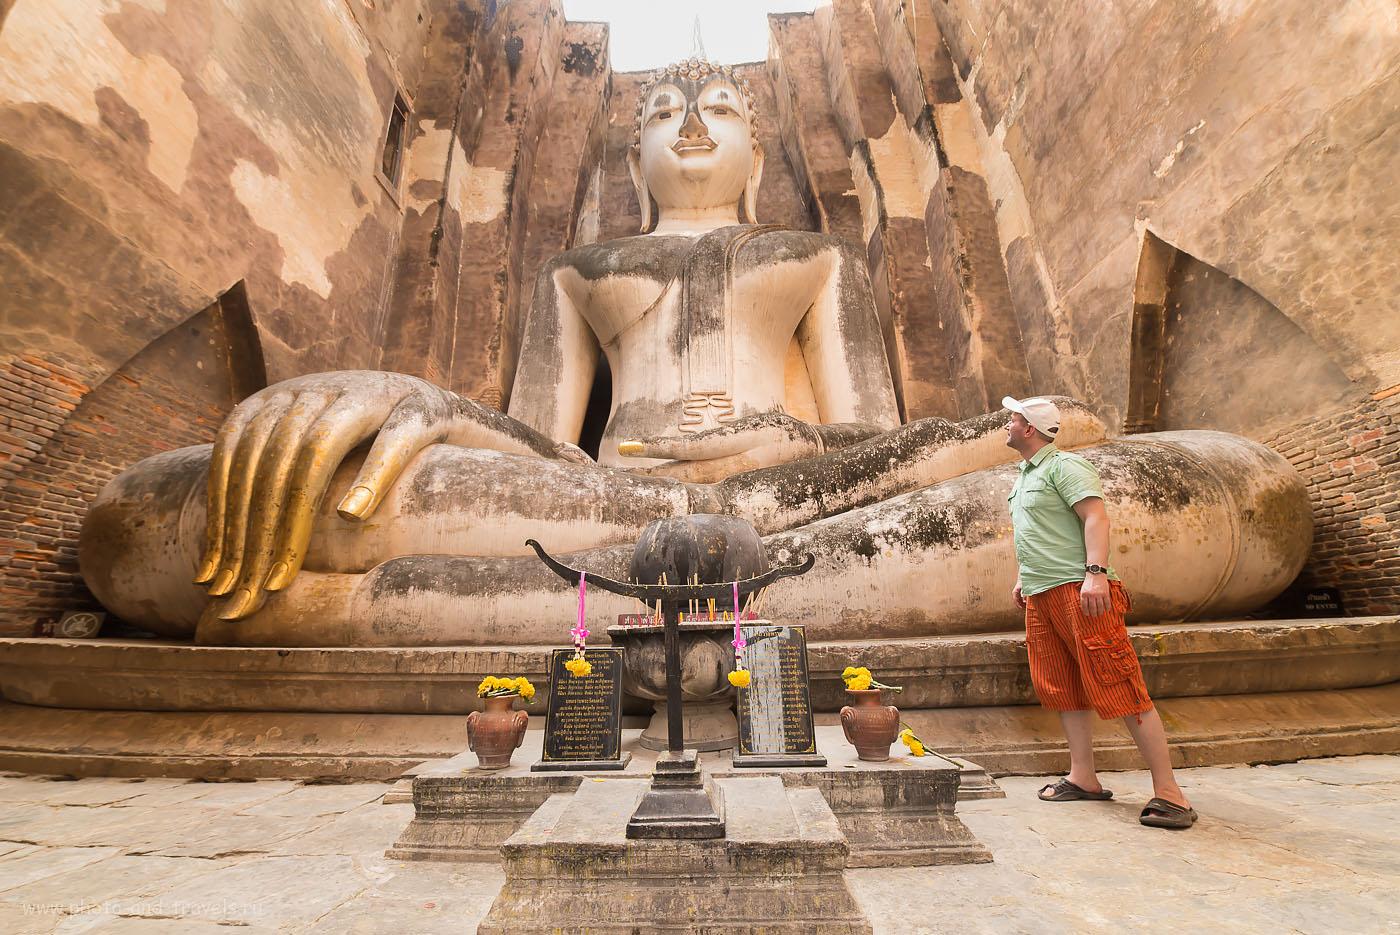 Фото 27. В храме Ват Шри Чум в историческом парке Сукхотай в Таиланде.